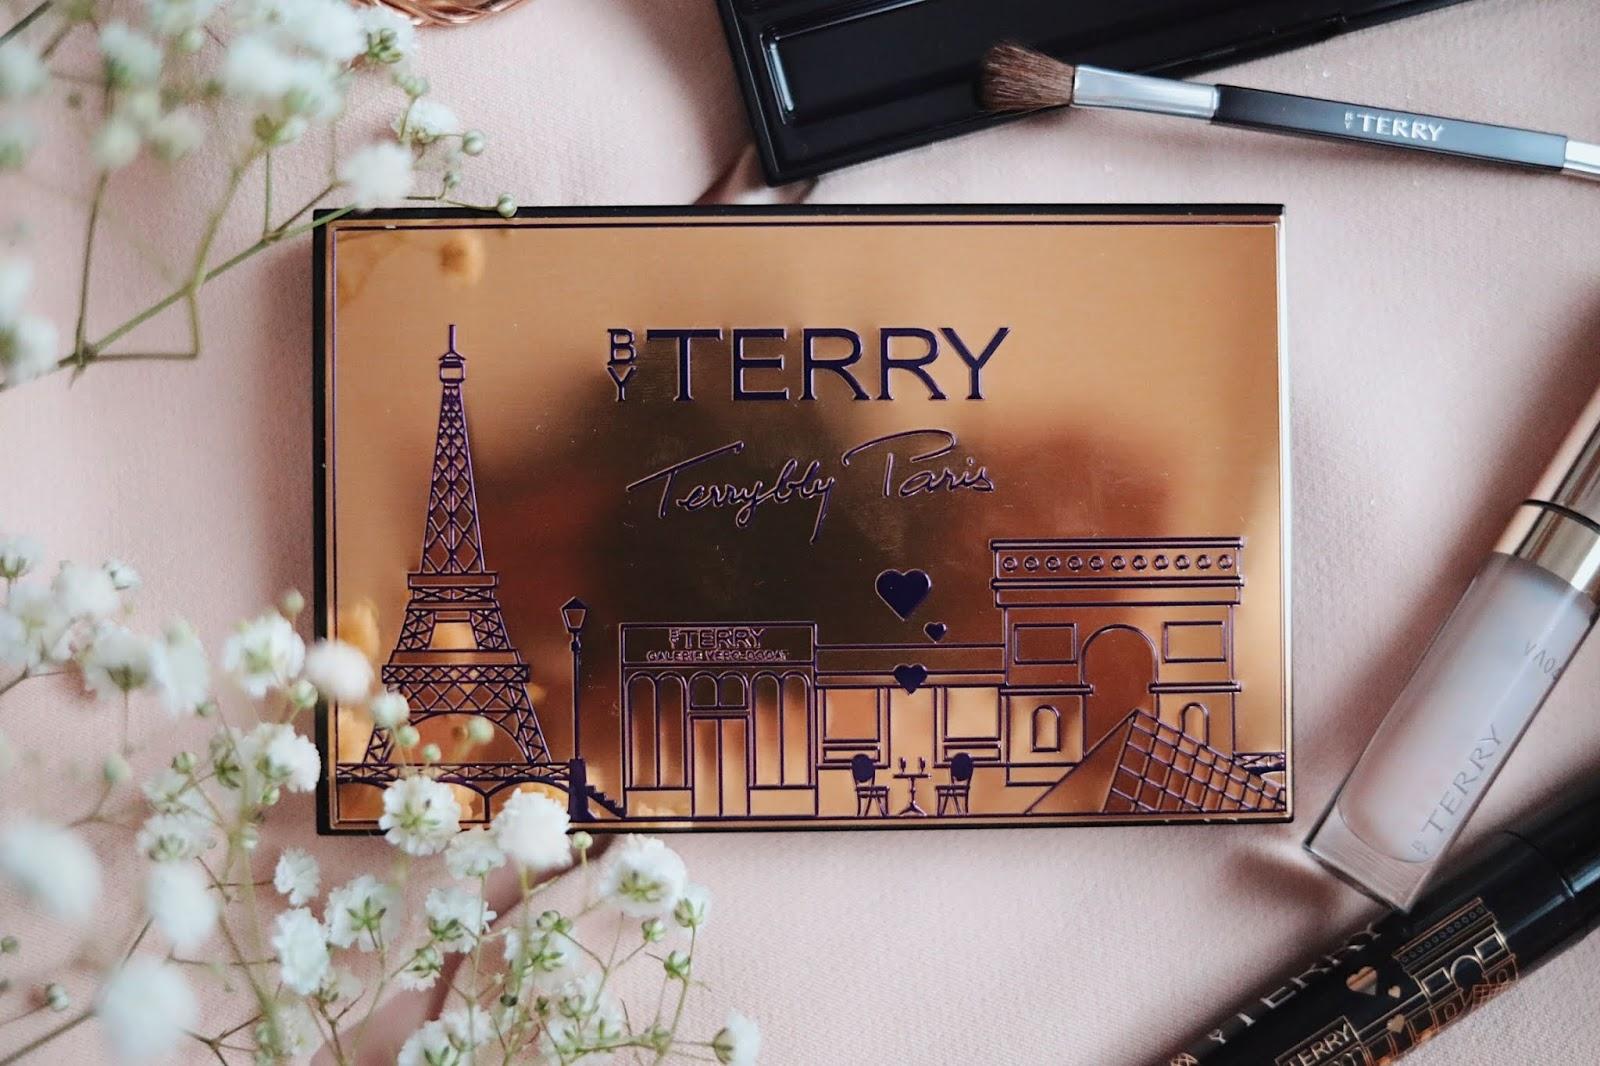 BY TERRY  , TERRYBLY PARIS , V.I.P EXPERT PALETTE  ,V.I.P EXPERT PALETTE LIGHT, V.I.P EXPERT PALETTE NIGHT ,, rosemademoiselle rose mademoiselle ,blog beauté , paris